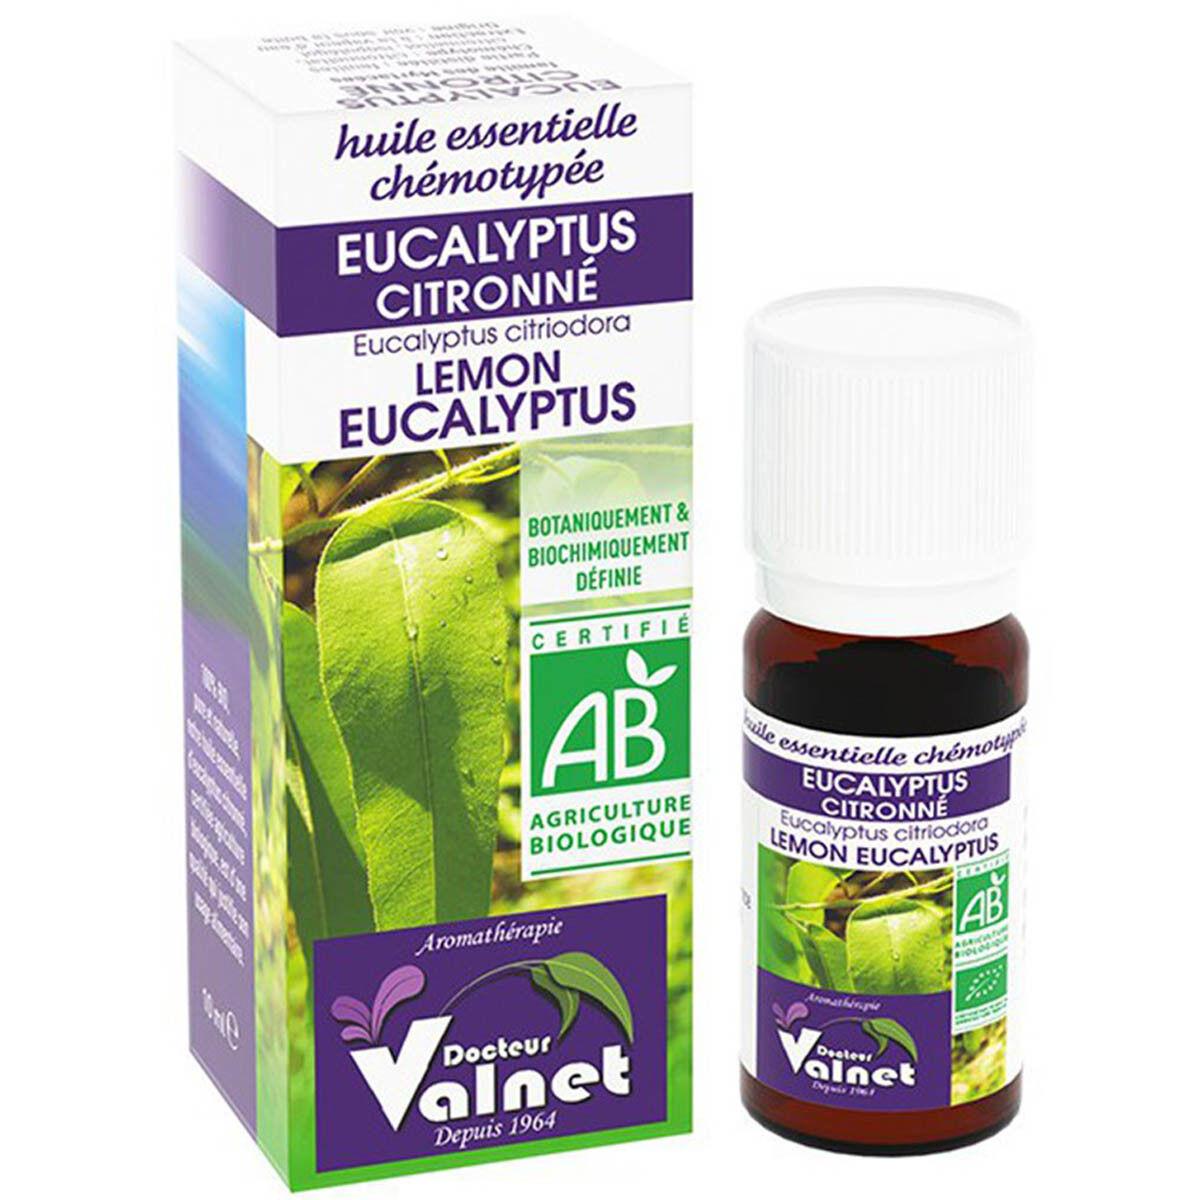 DOCTEUR VALNET Dr valnet huile essentielle eucalyptus citronne 10ml